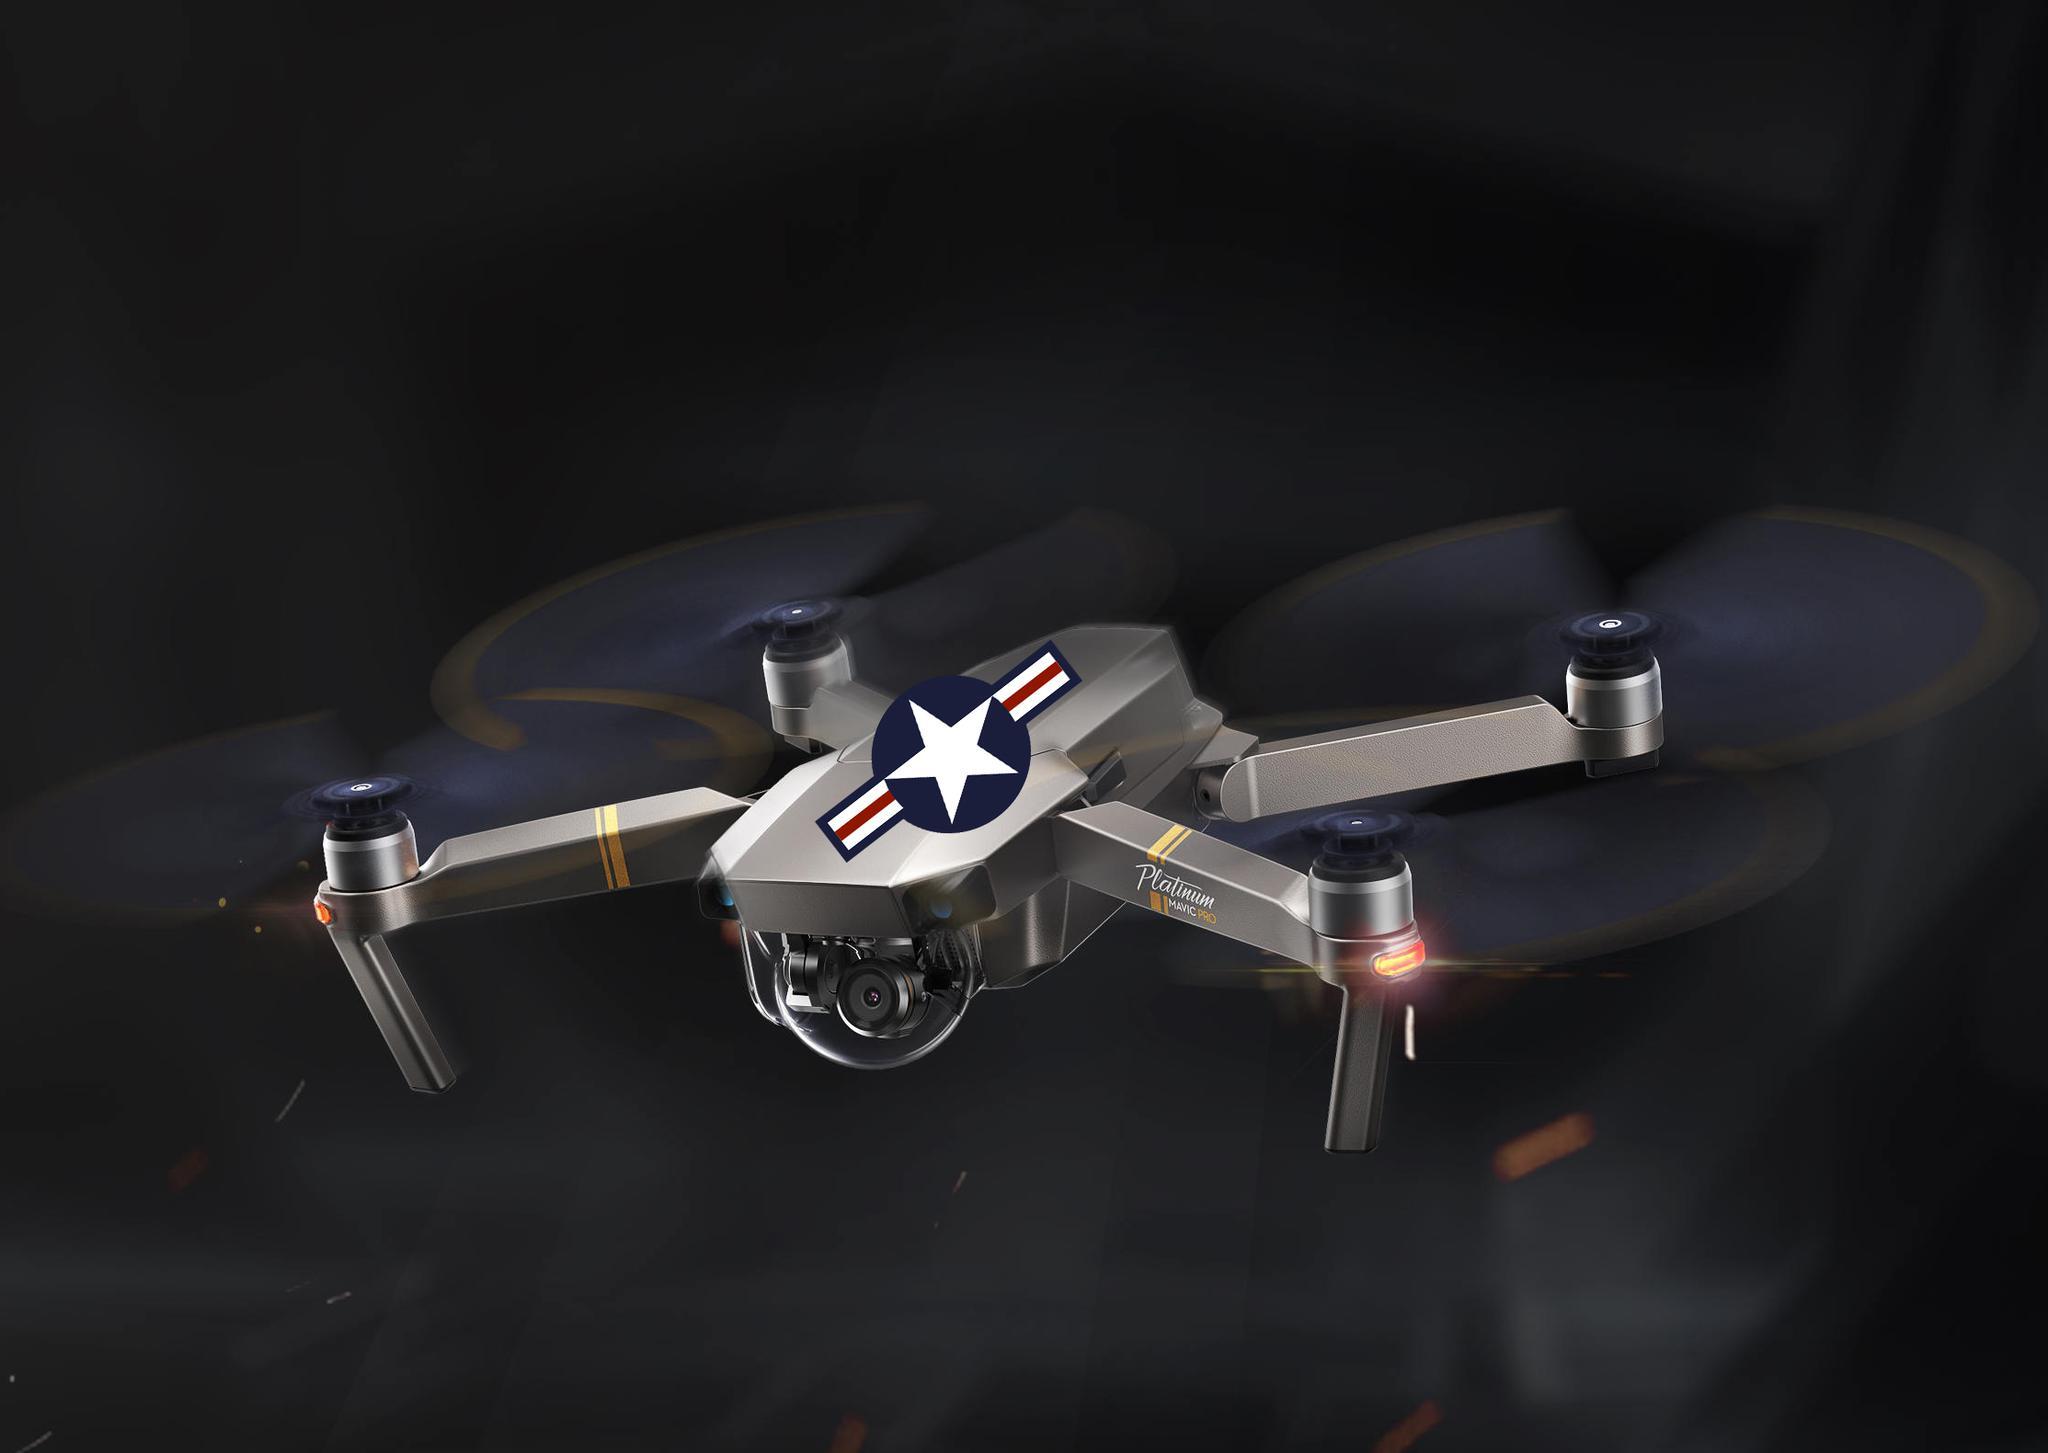 目前尚不清楚这些无人机是否会被漆上美国空军标志